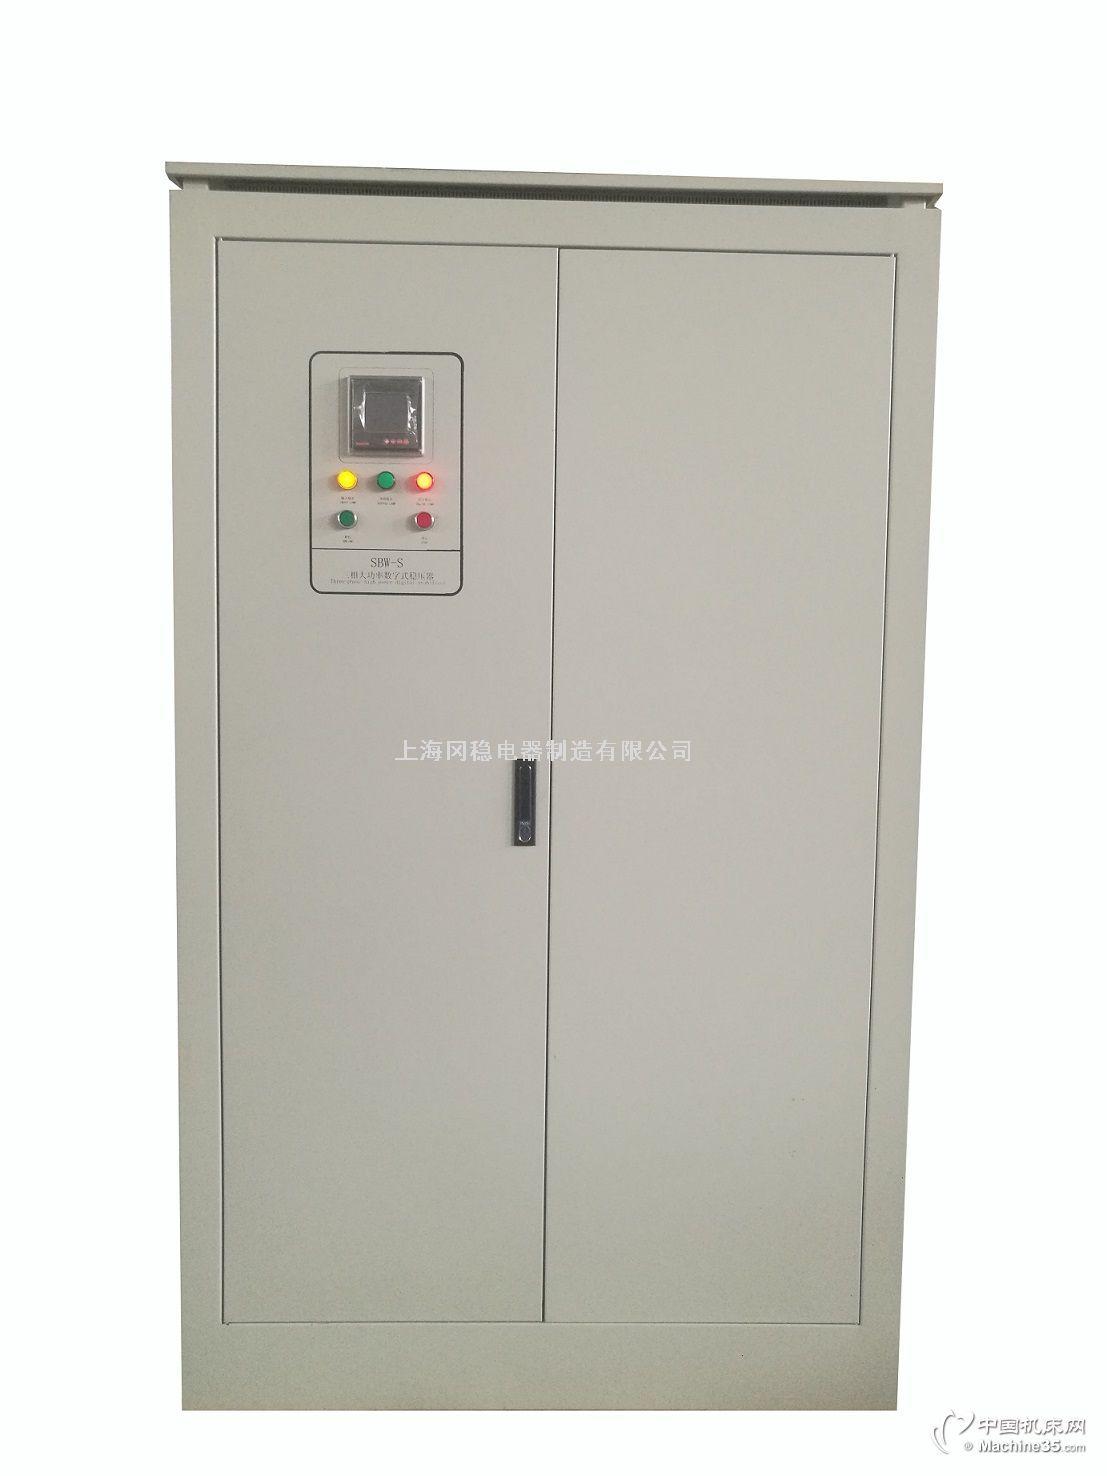 上海冈稳数控机床专用微机控制数控设备专用稳压器